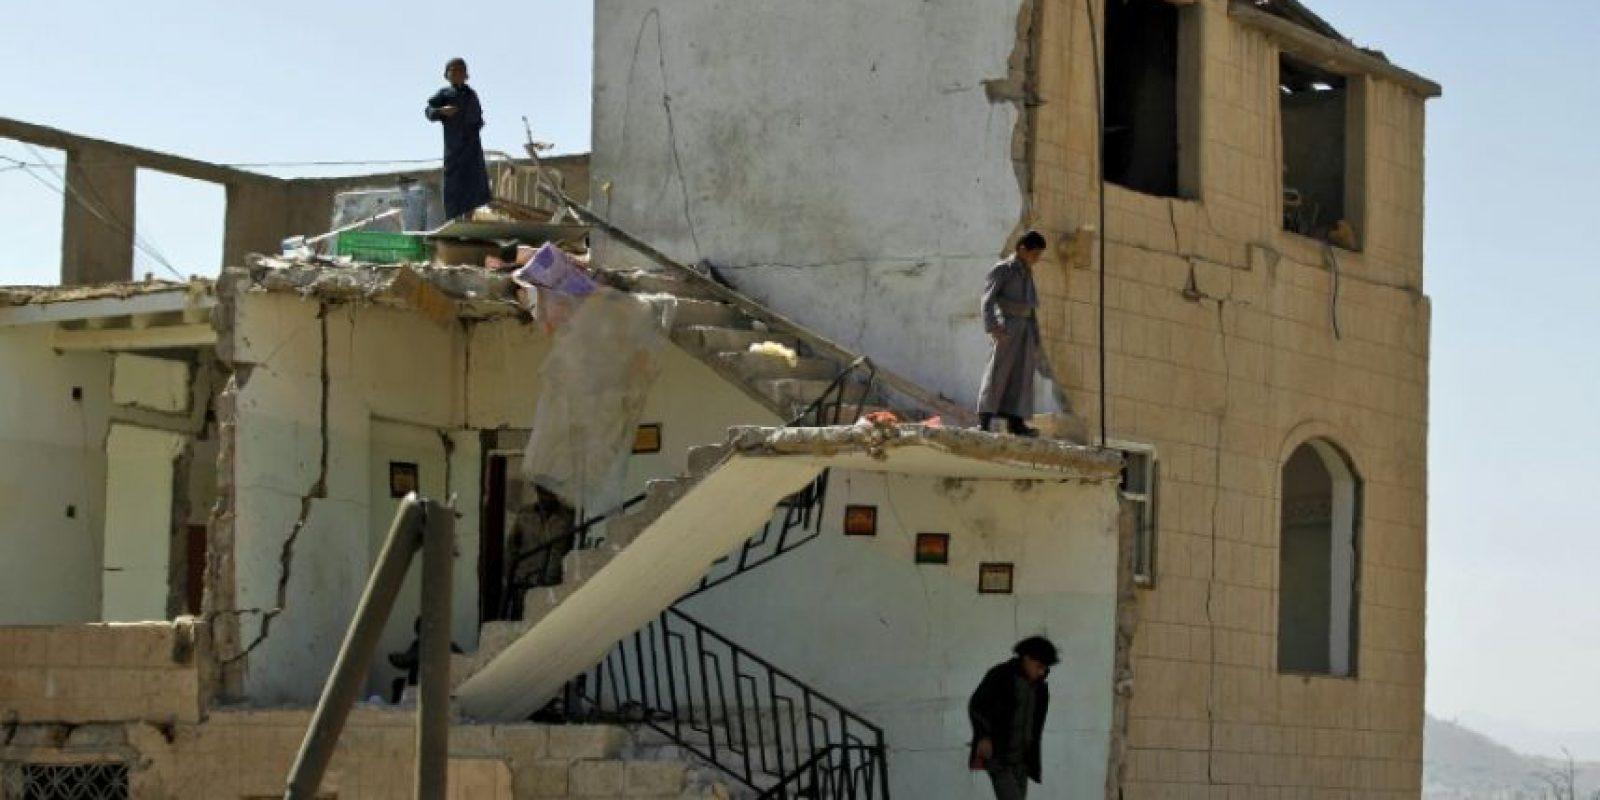 Unos chicos vagan entre los escombros de una casa destruida dos días antes por los ataques aéreos de la coalición dirigida por Arabia Saudí, en las afueras de la capital yemení, Saná, el 14 de noviembre de 2016 Foto:Mohammed Huwais/afp.com